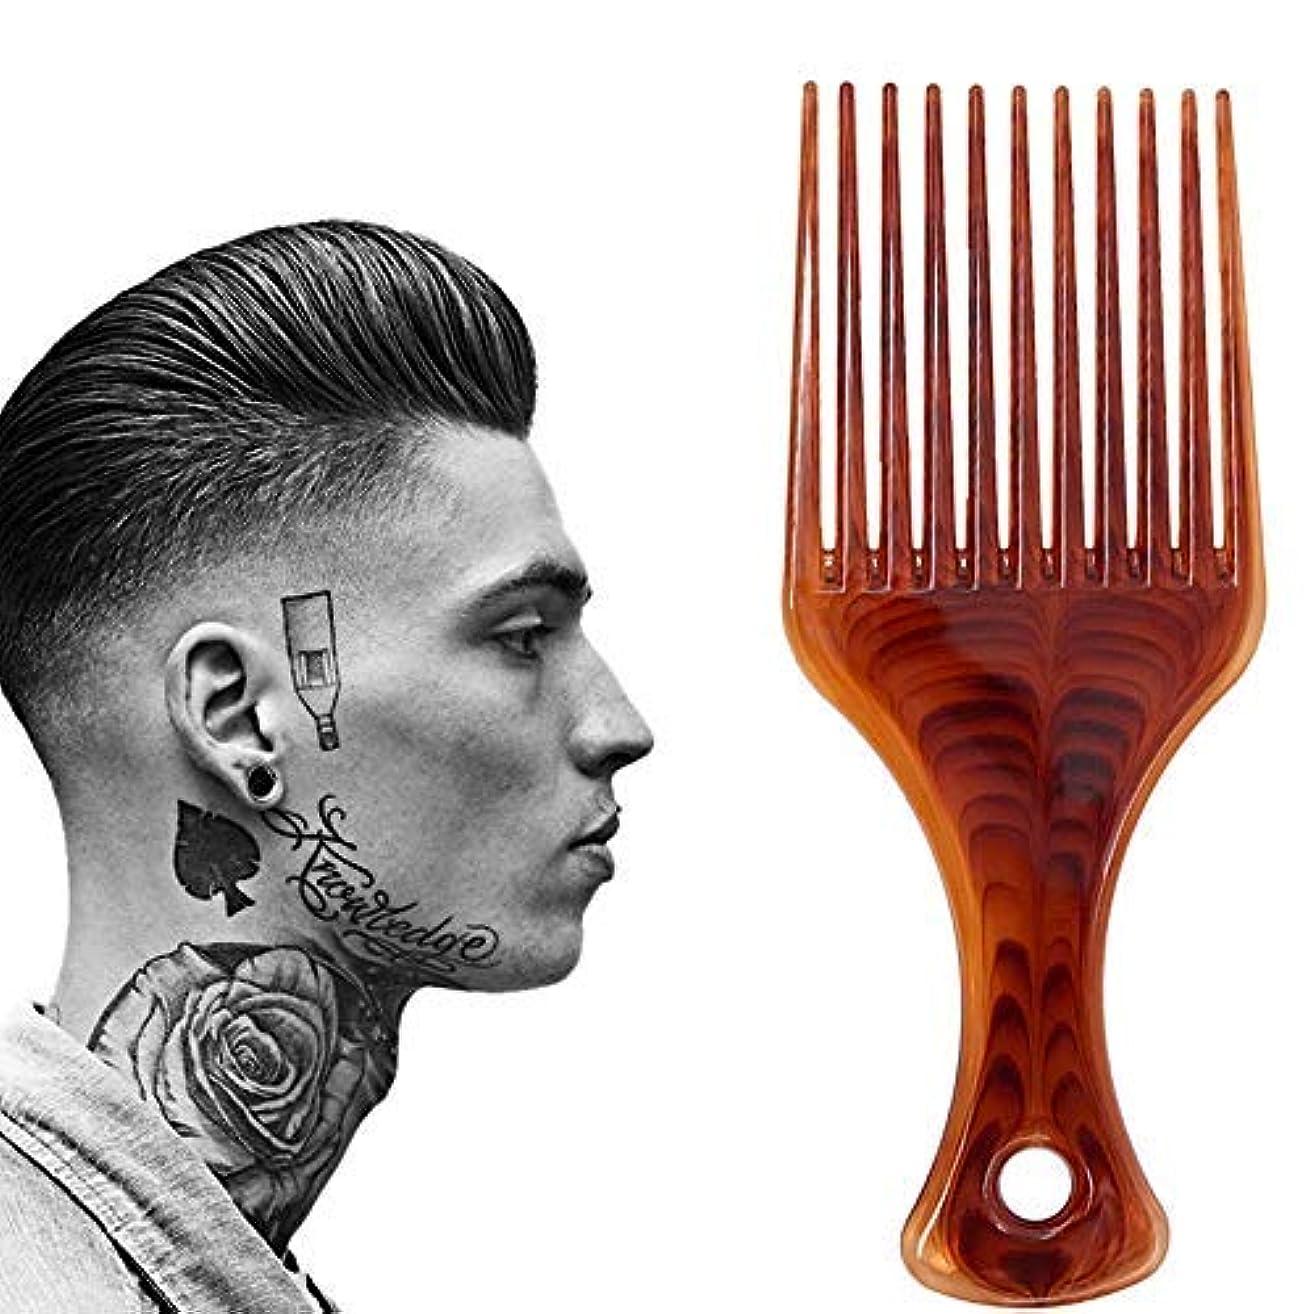 偽造競争力のあるストリップLightweight Afro Comb,Amber Afro Pick Hair Comb,Plastic Hair Brushes for Man & Woman Hairdressing Styling [並行輸入品]